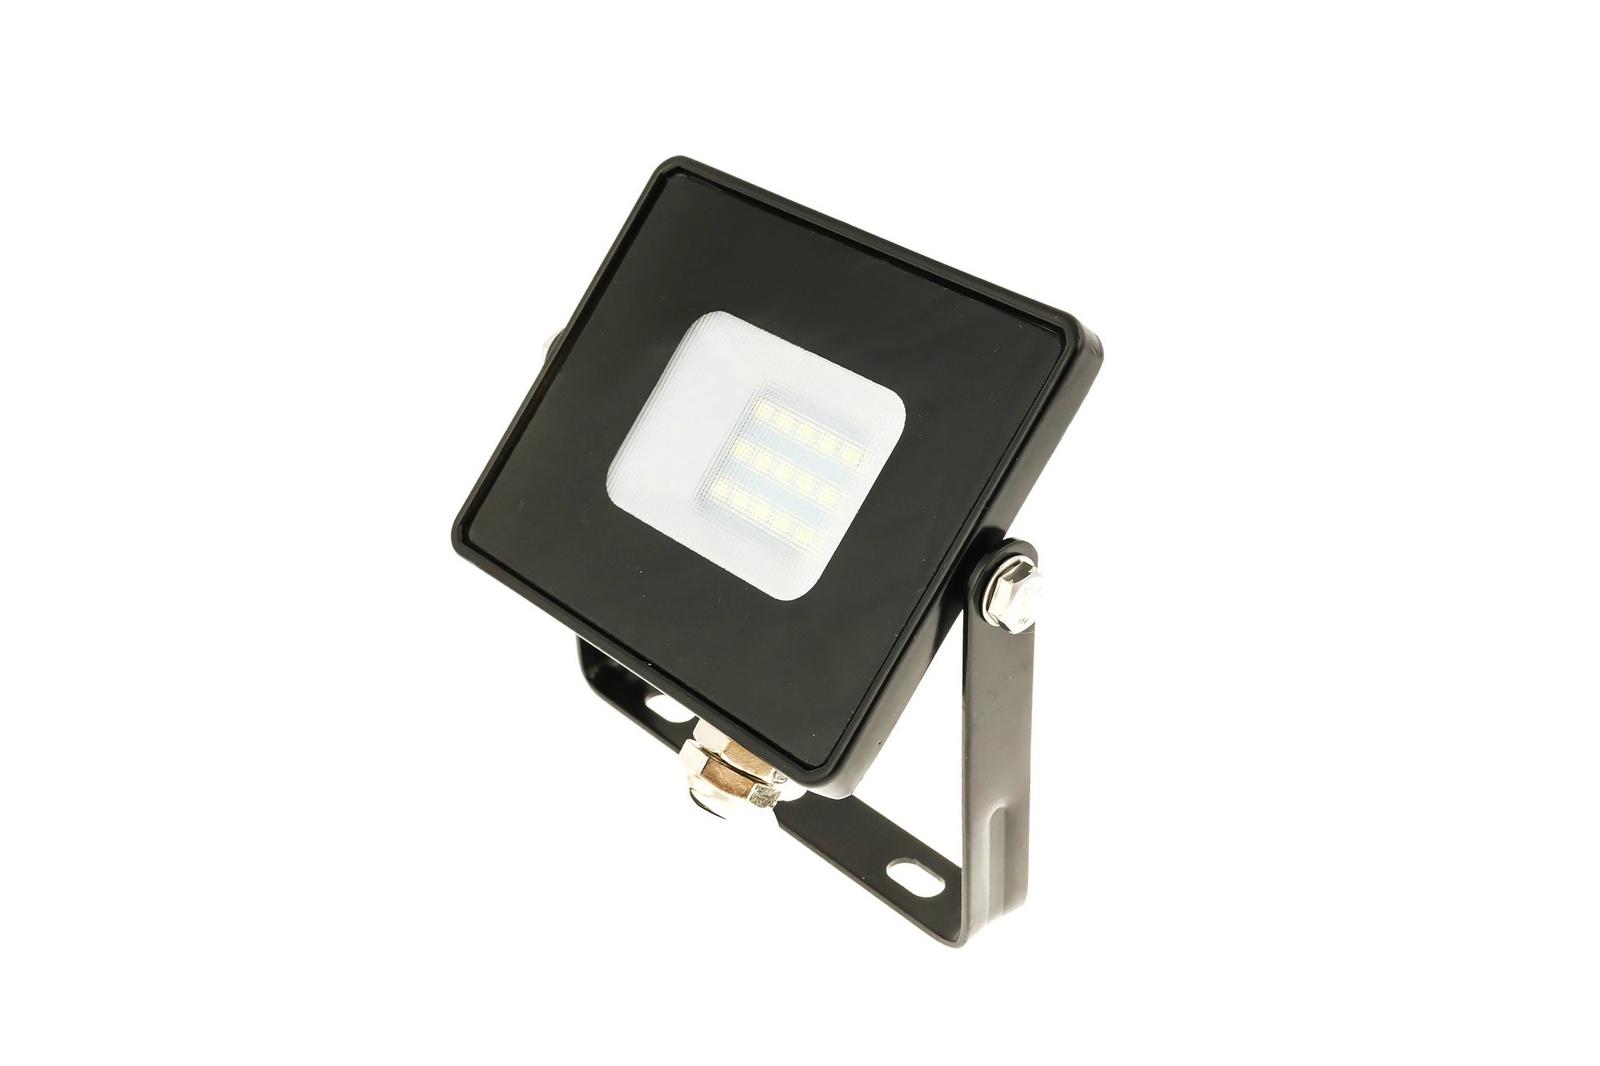 Прожектор Feron Светодиодный LL-919 черный, 20 Вт светодиодный прожектор ip65 50w желтый feron ll 275 12204